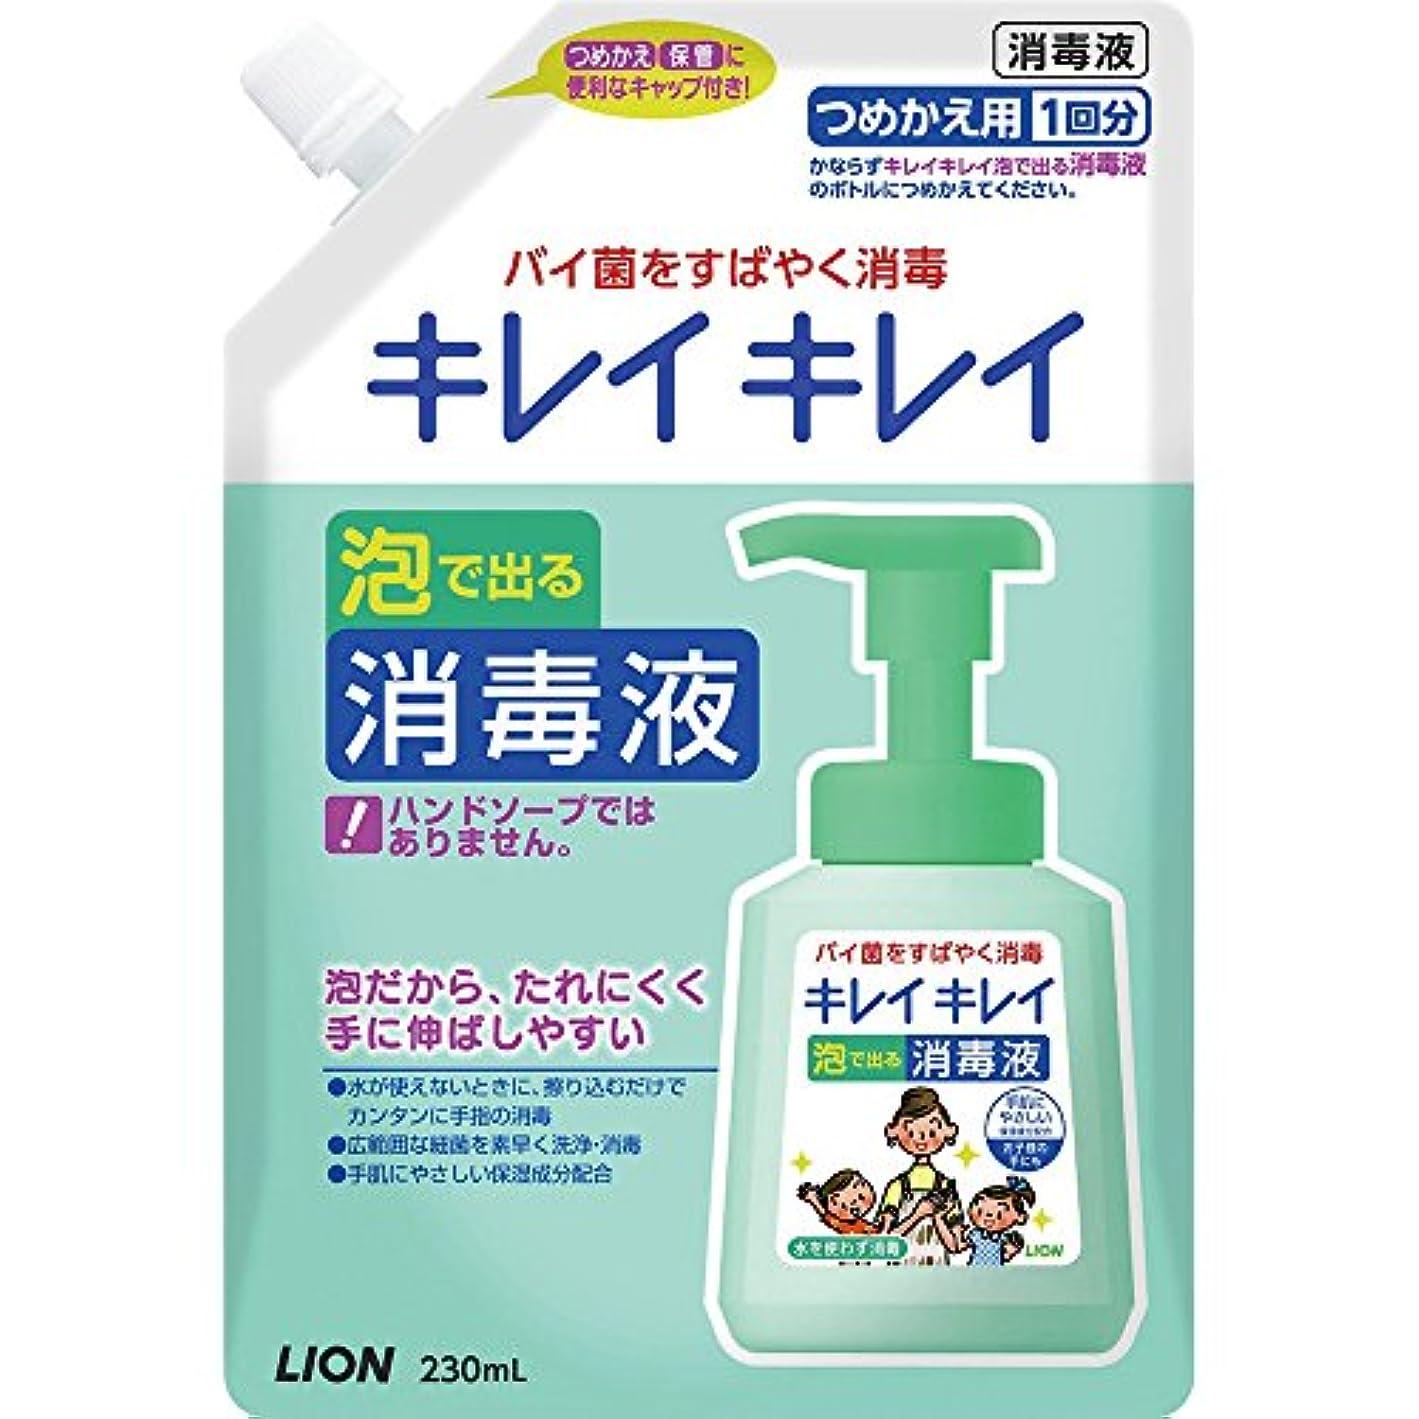 ケニアトラブル推定するキレイキレイ 薬 泡ででる消毒液 詰替 230ml (指定医薬部外品)